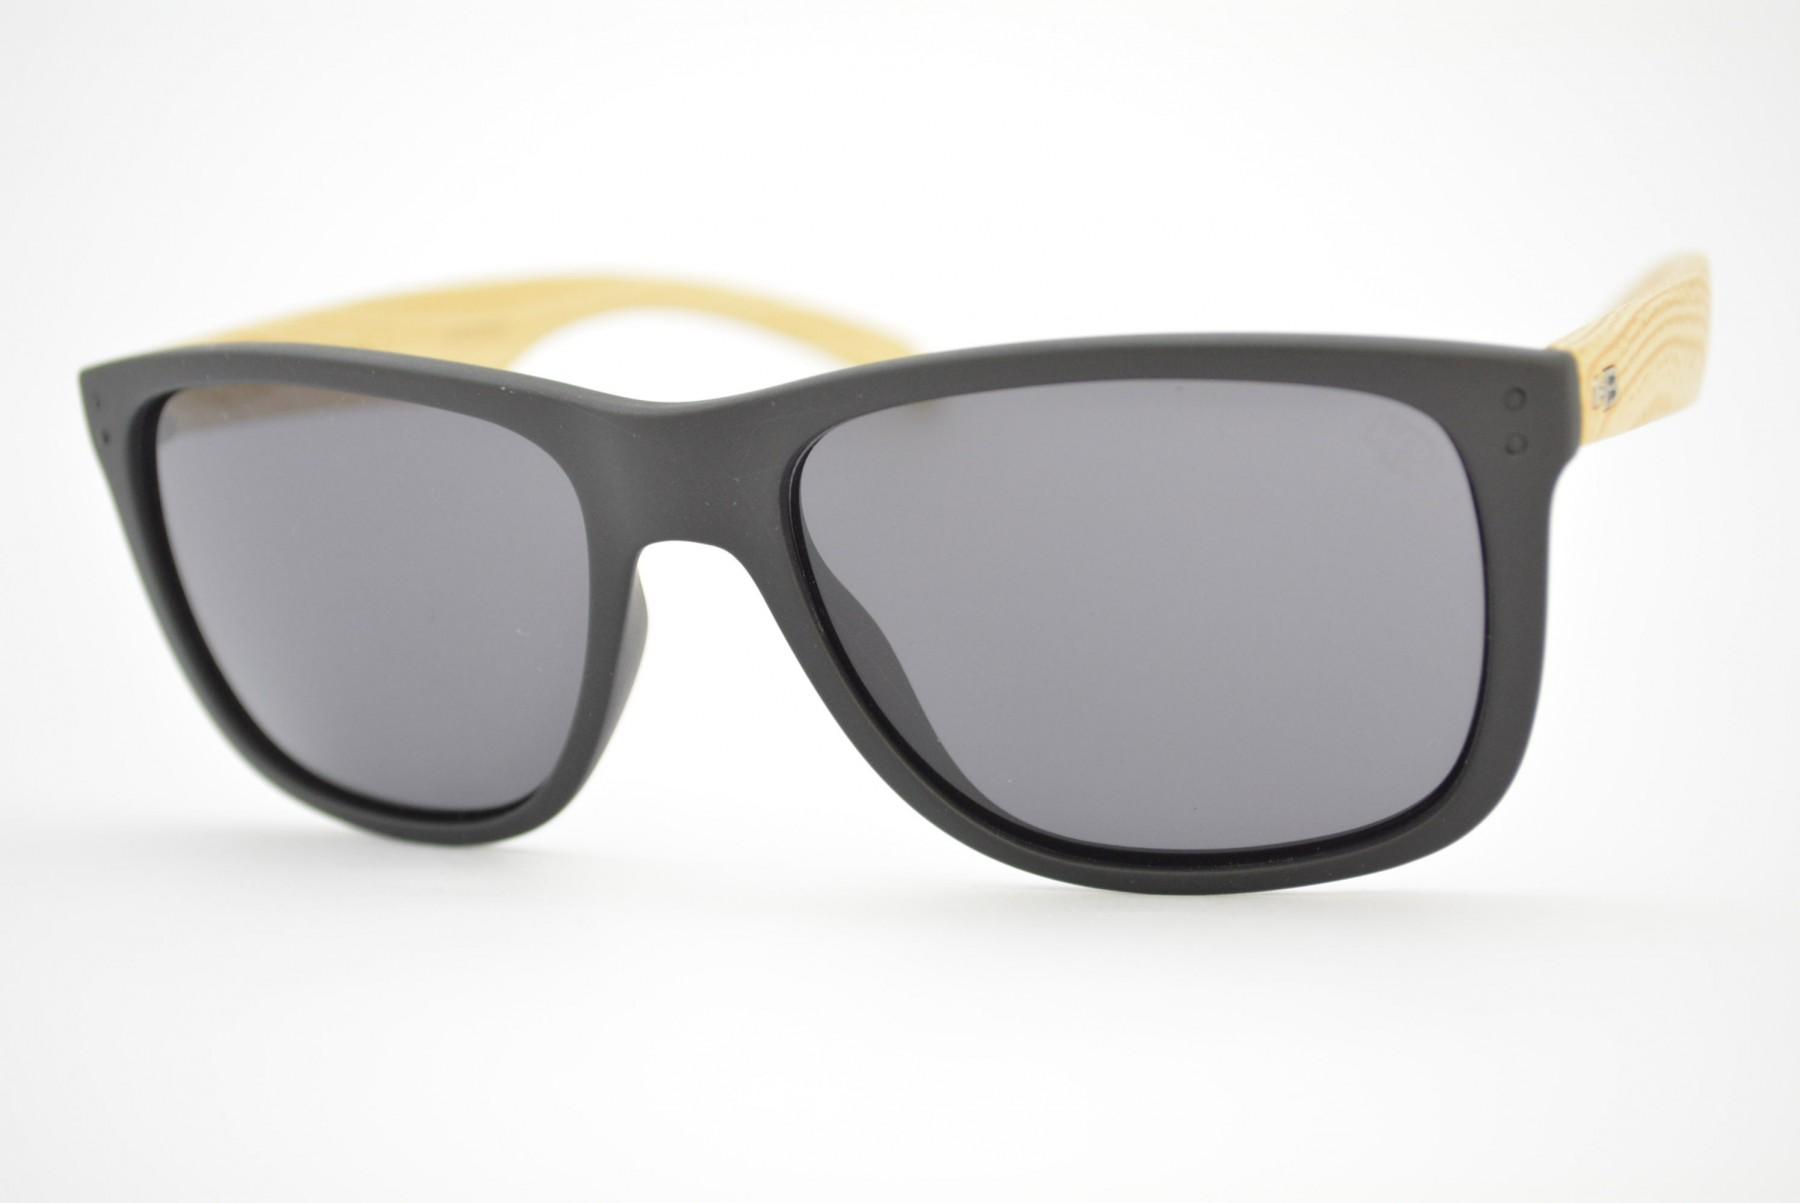 203214149 óculos de sol HB mod Ozzie matte black wood gray 90140731. Código: 90140731